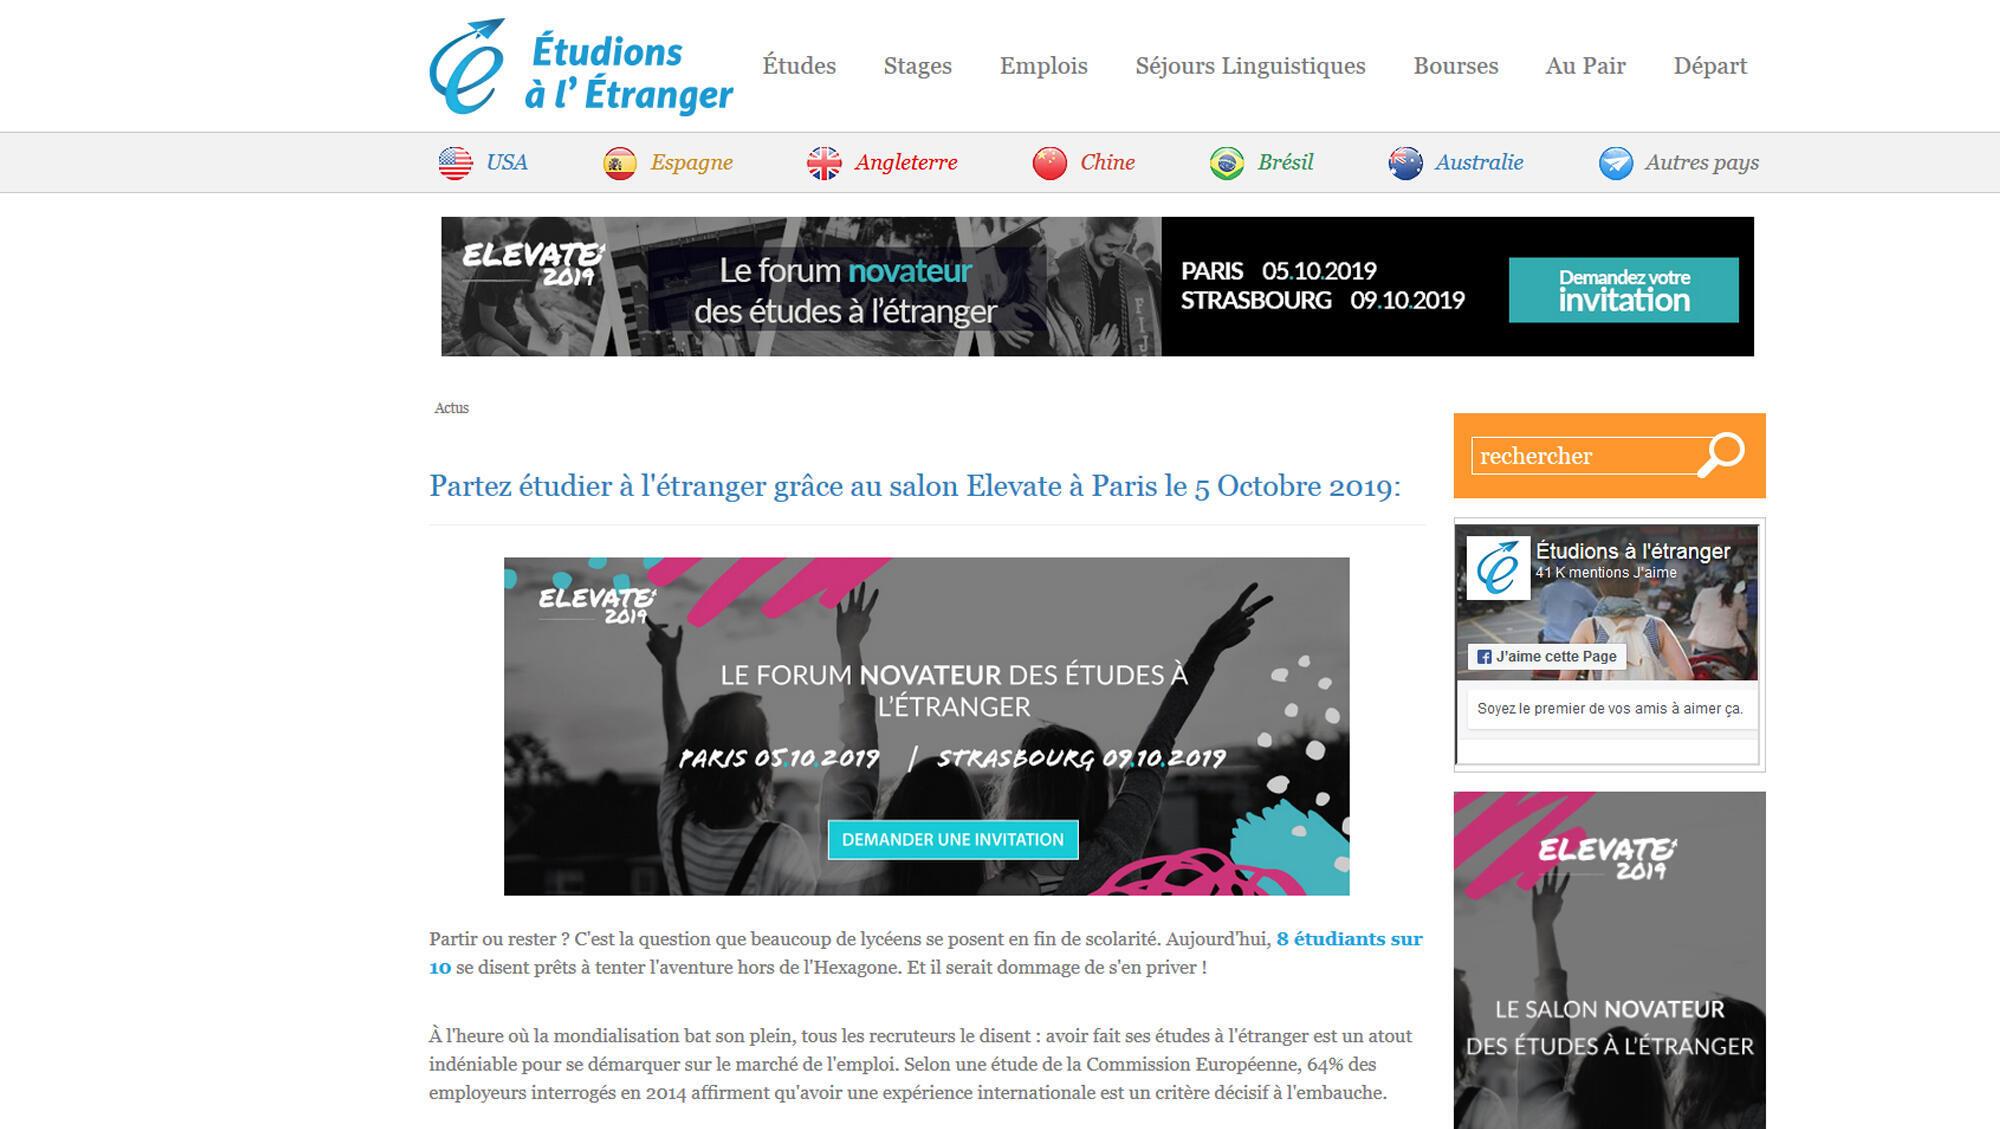 la page d'accueil du site «Étudions à l'étranger».